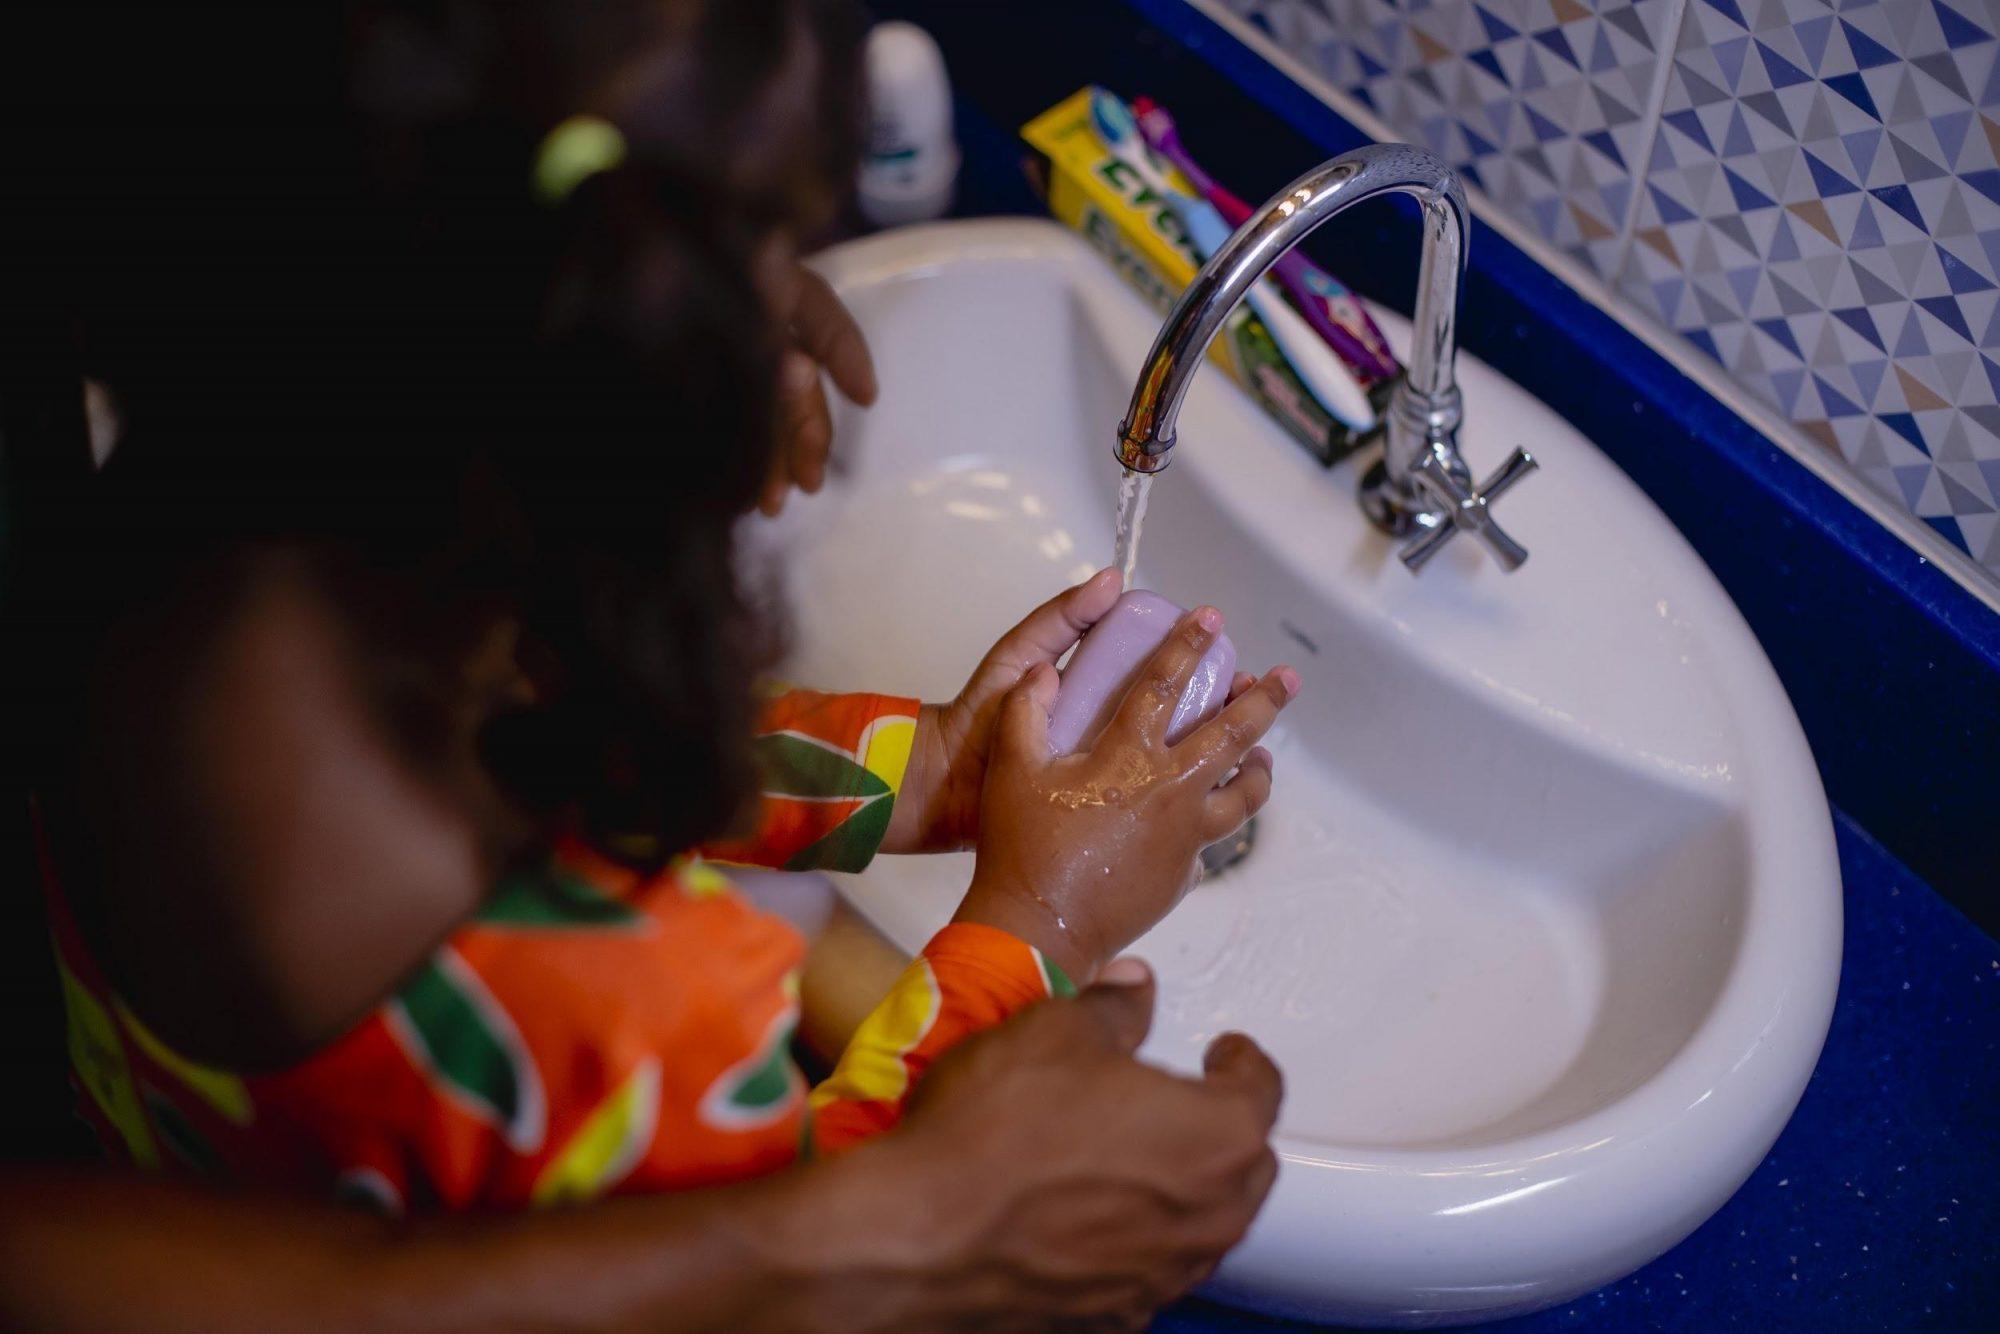 COVID-19: lavagem das mãos é fundamental para controle do vírus